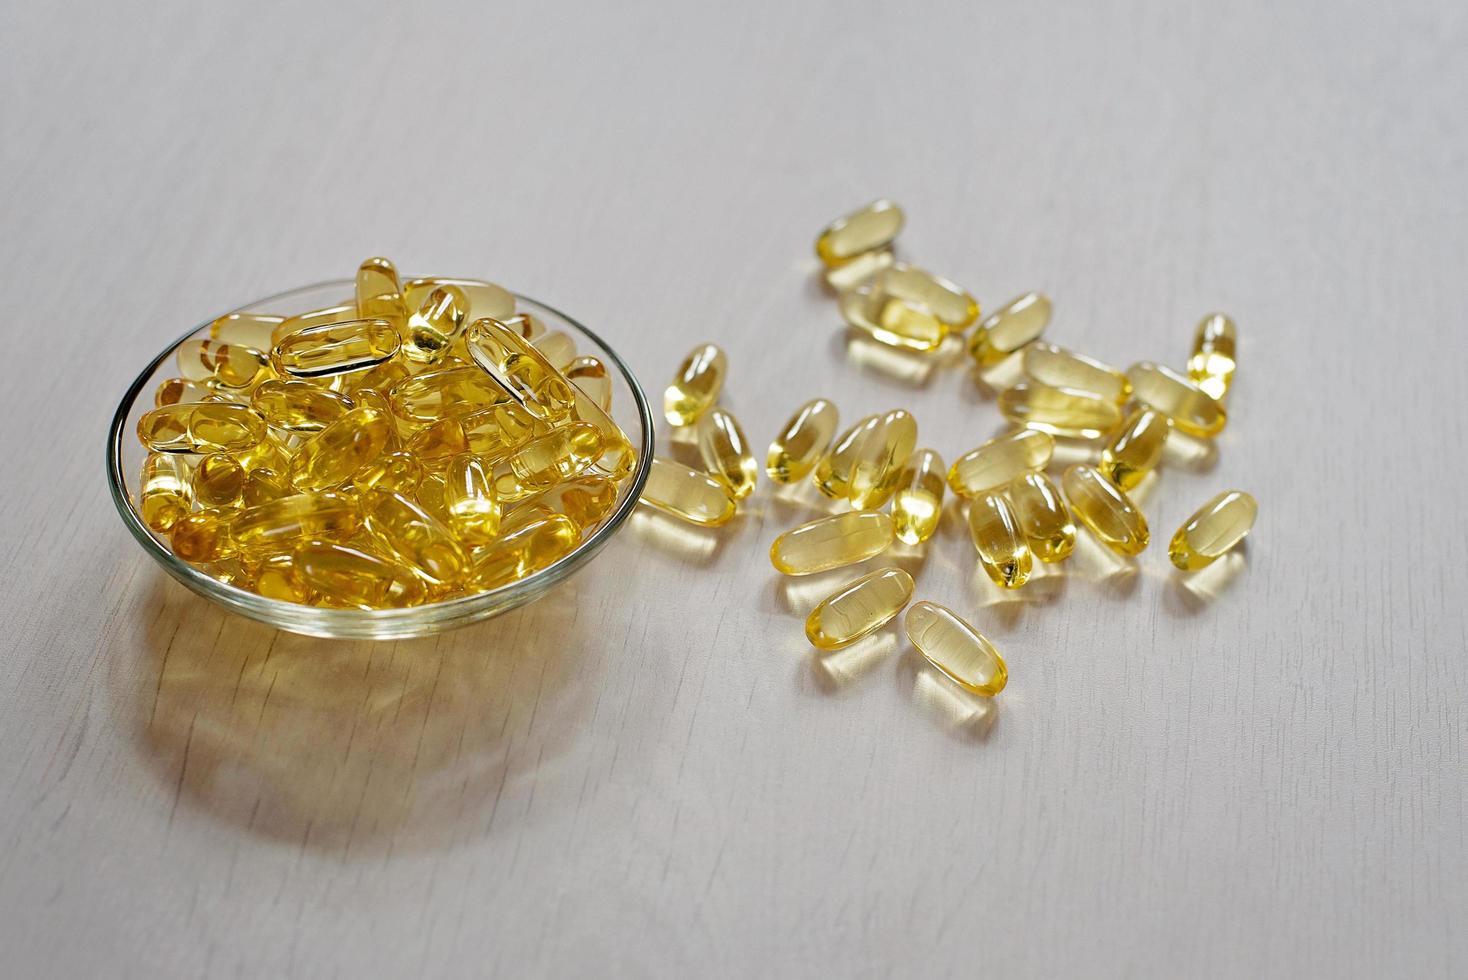 Fischölpillen. Omega-3-Gel-Kapseln. Nahrungsergänzungsmittel aus Dorschleber. Gesundheits- und medizinisches Konzept. foto